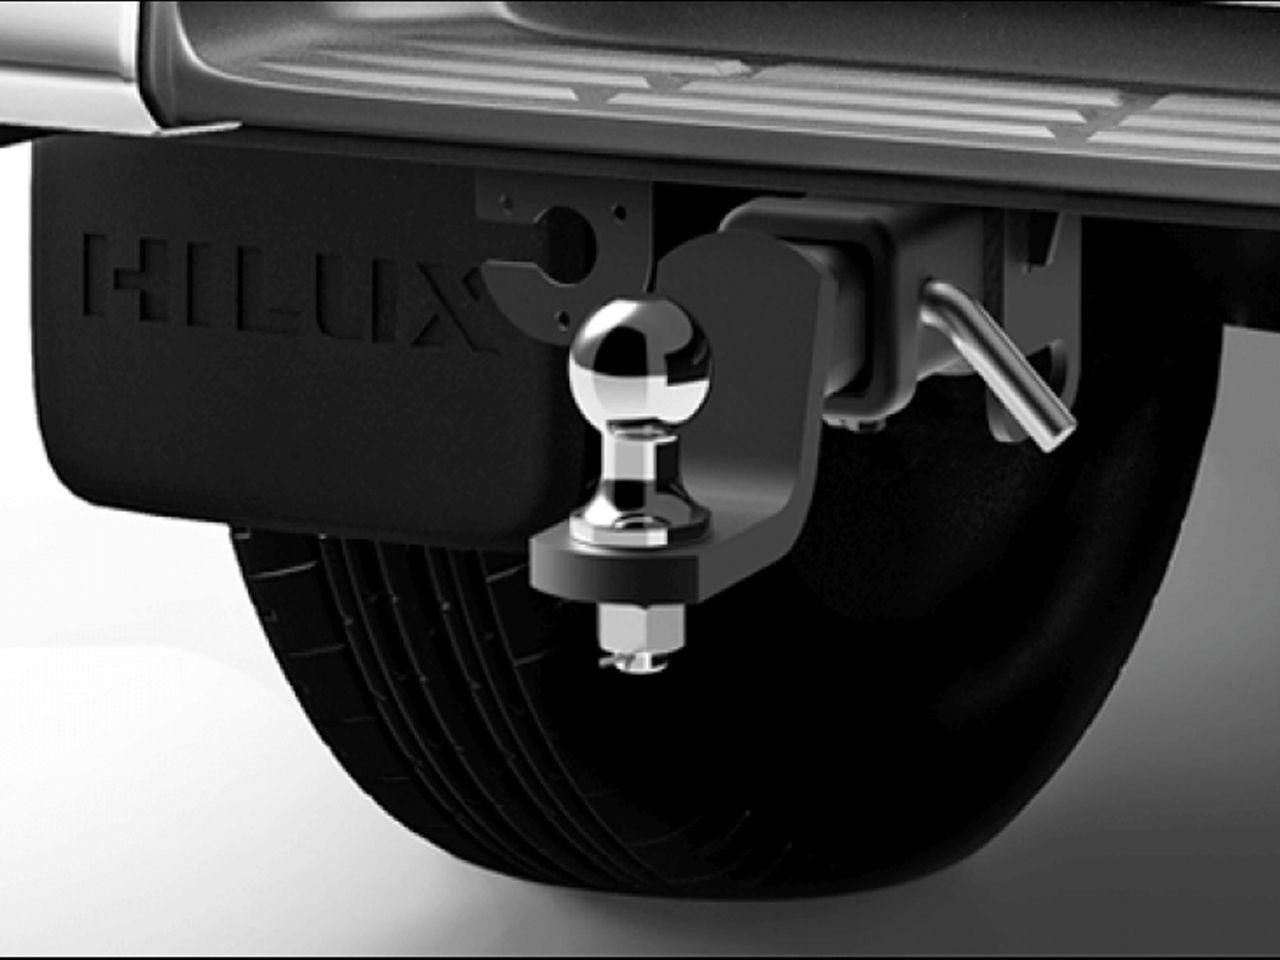 Engate 750kg Hilux STD SR SRV SRX  - Mirai Peças Toyota